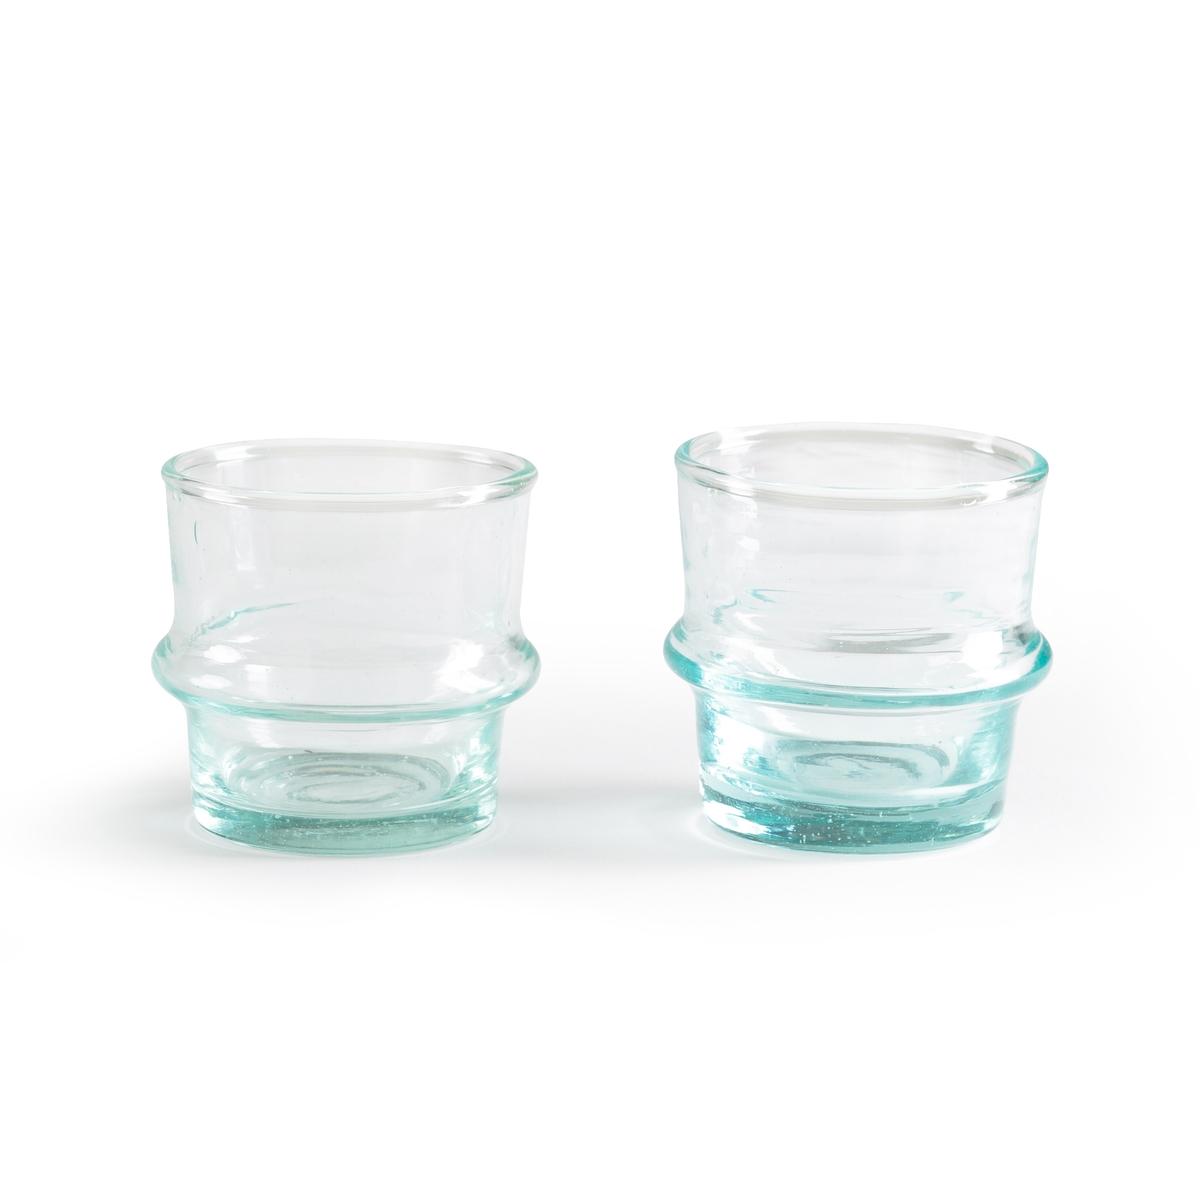 Подсвечник из дутого стекла Morewen (в комплекте 2 изделия) 2 подсвечника из ртутного стекла elda